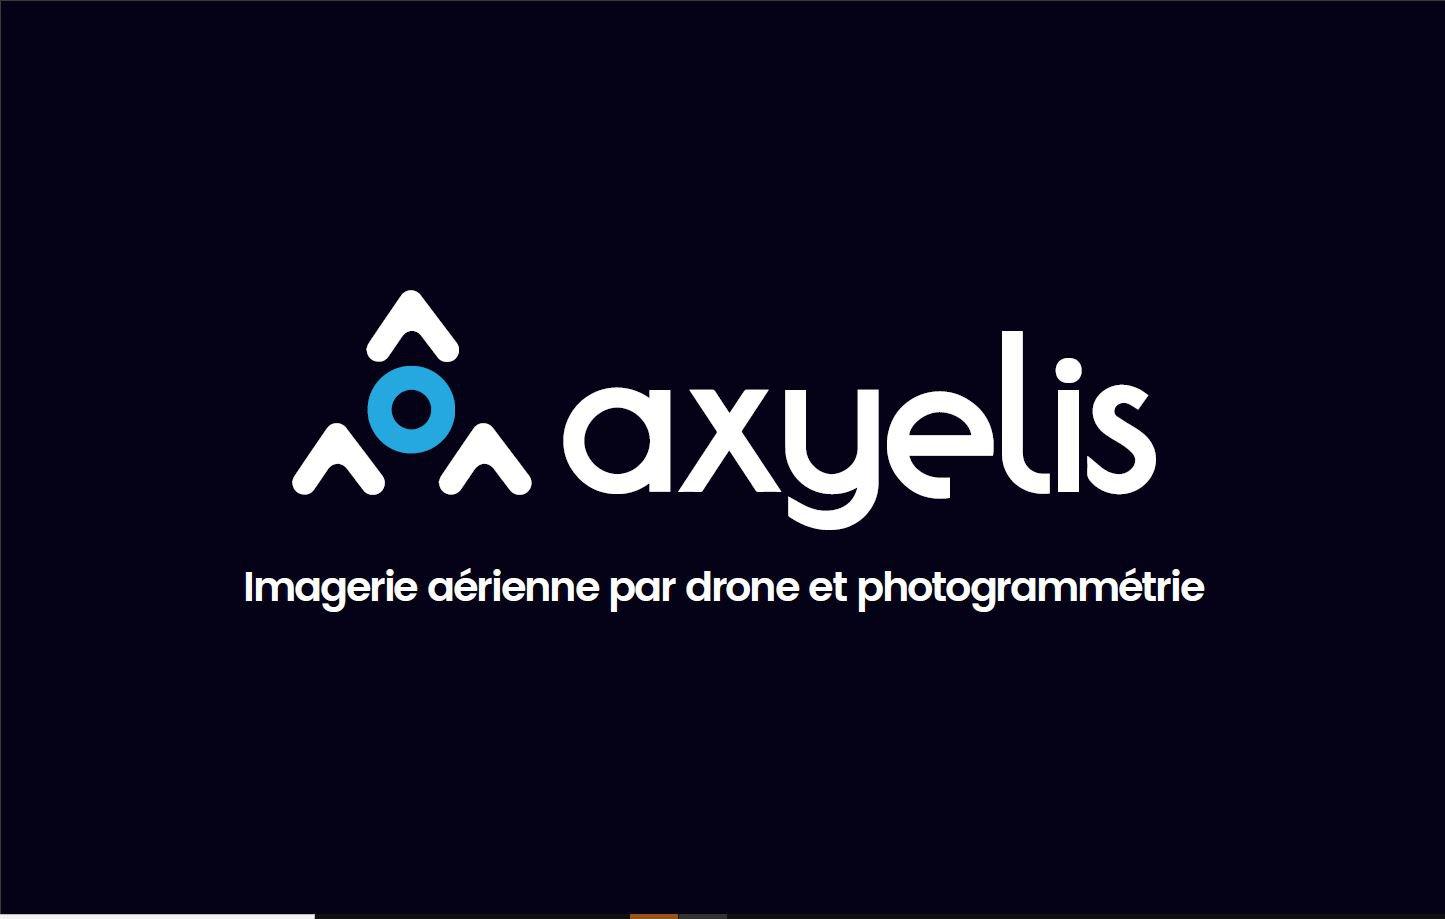 Axyelis imagerie aérienne par drone et photogrammétrie